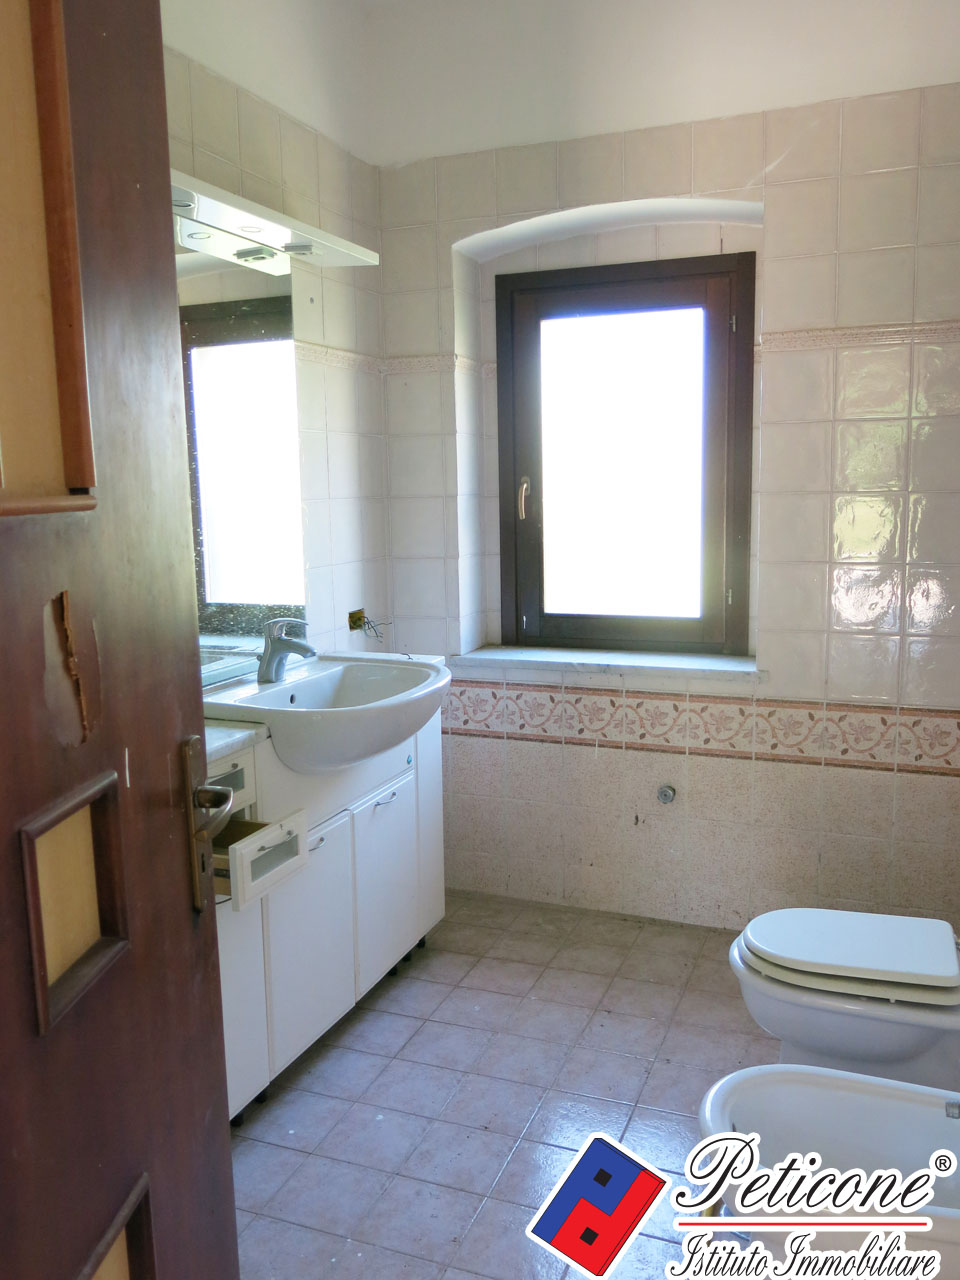 Villa in Vendita a Formia: 4 locali, 90 mq - Foto 10